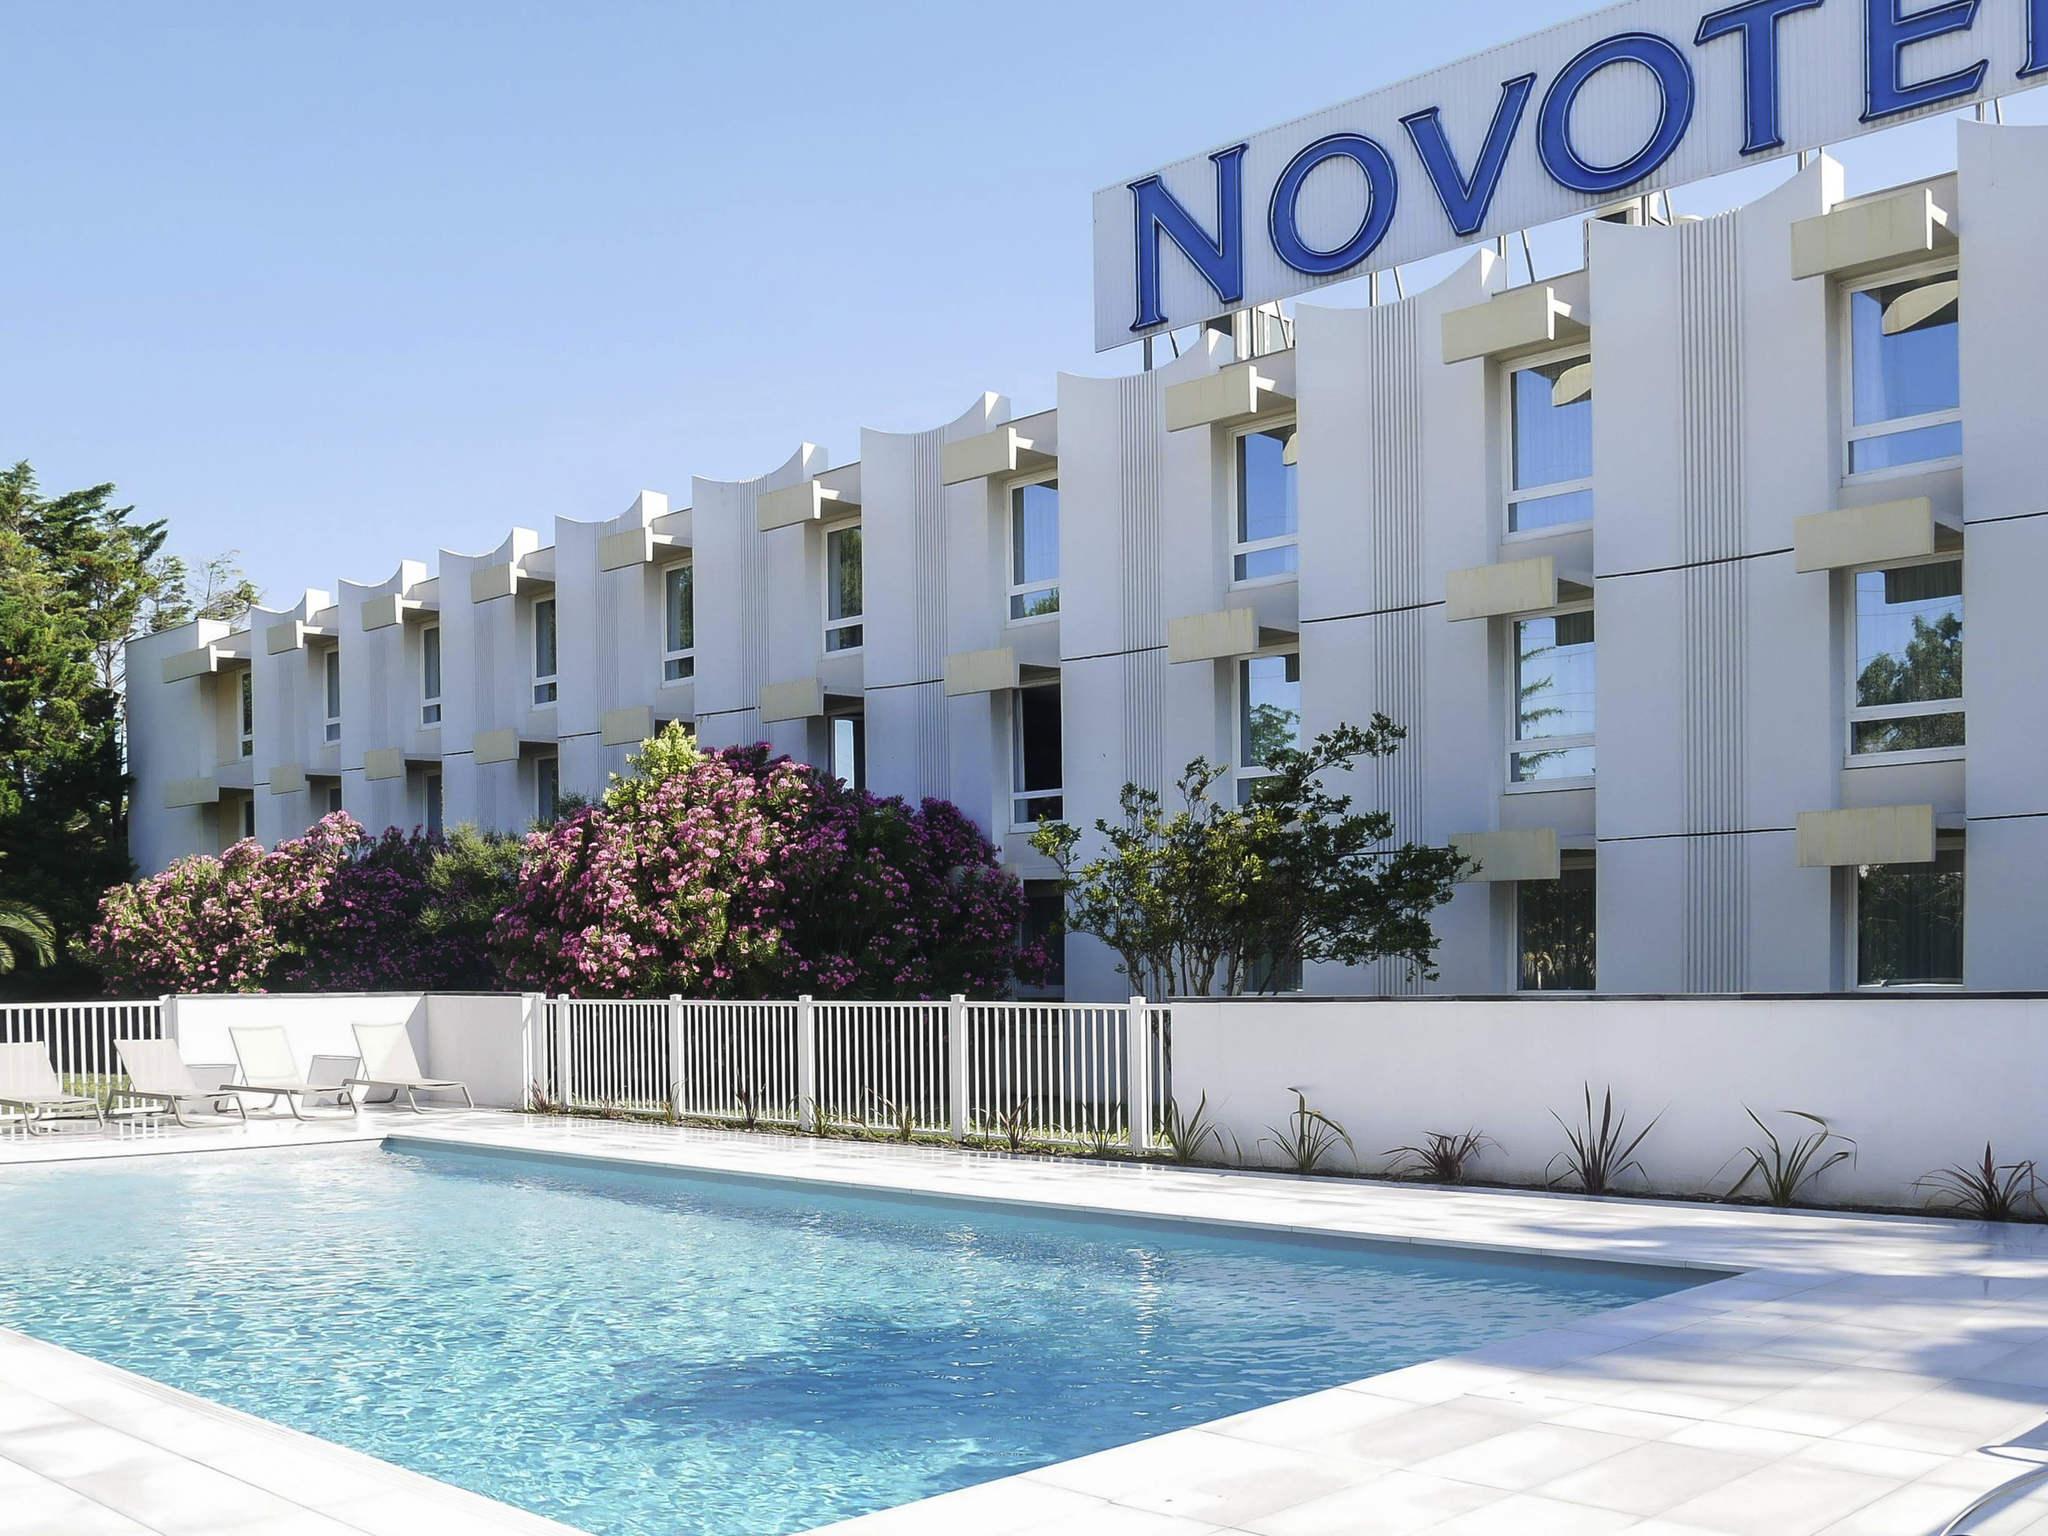 Hotel – Novotel Narbonne Sud